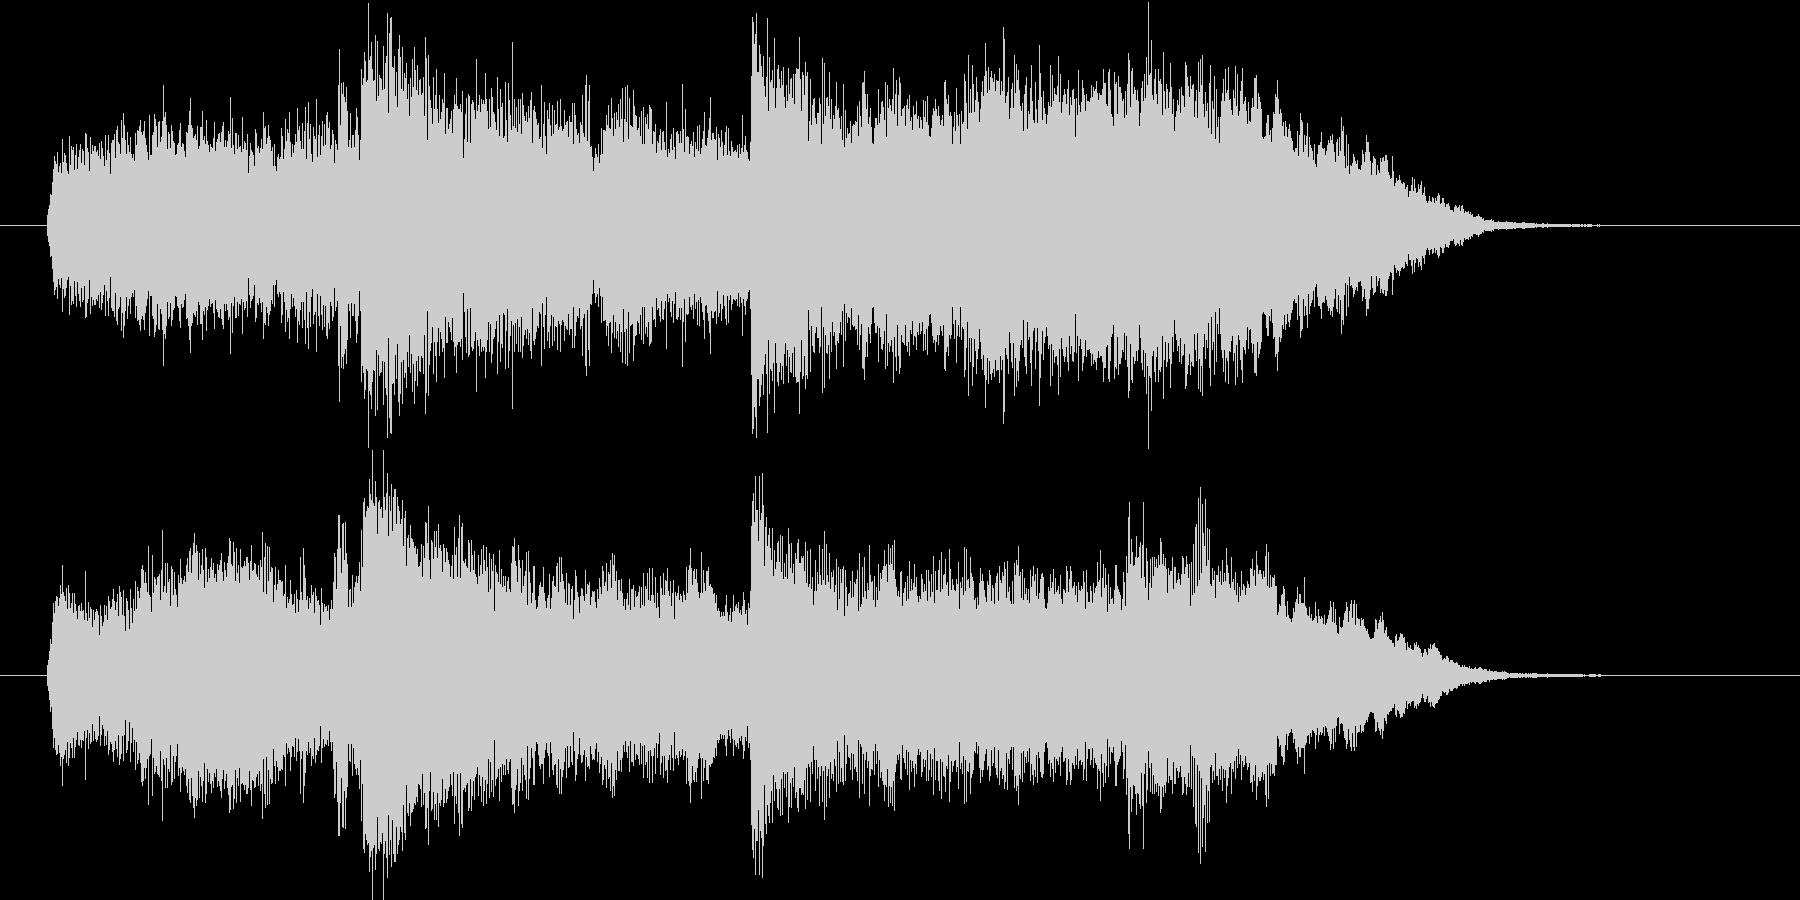 シンセによるシンプルなコード進行の楽曲の未再生の波形